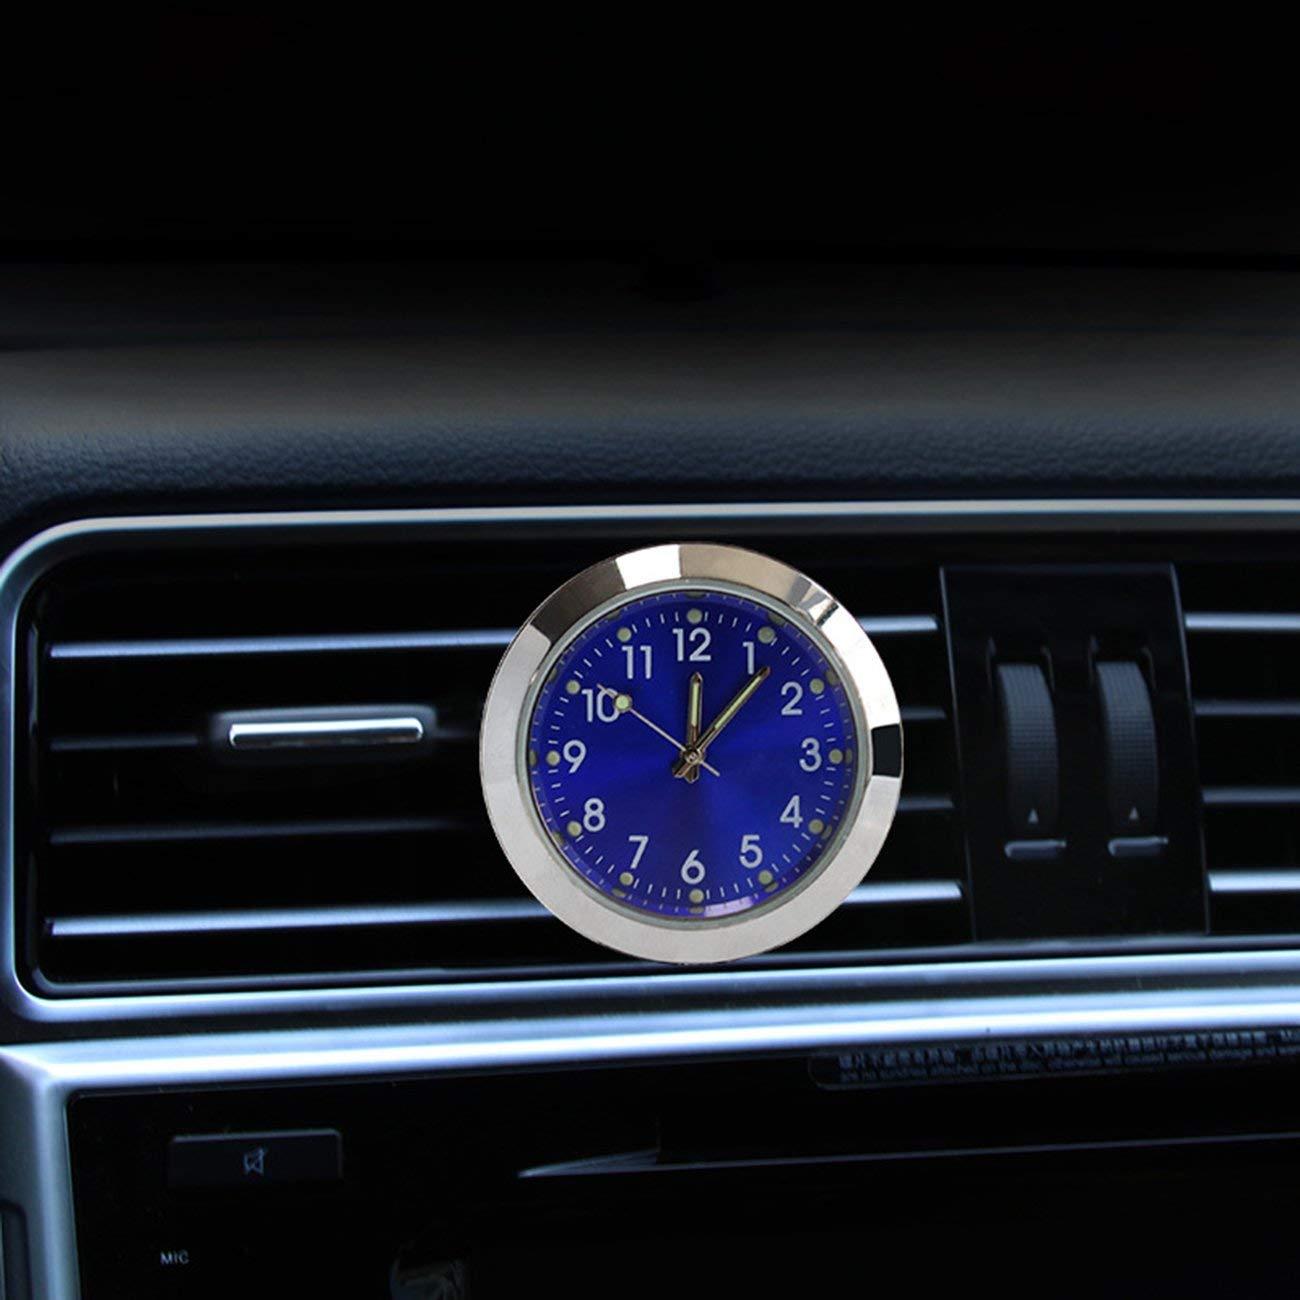 Fannty Auto Armaturenbrett Uhr Parf/üm Universal Car Air Vent Aromatherapie Quarzuhr Auto Innenraum Uhr mit Clip Perfekte Dekoration Kompatibel f/ür Auto und SUV Ideales Geschenk